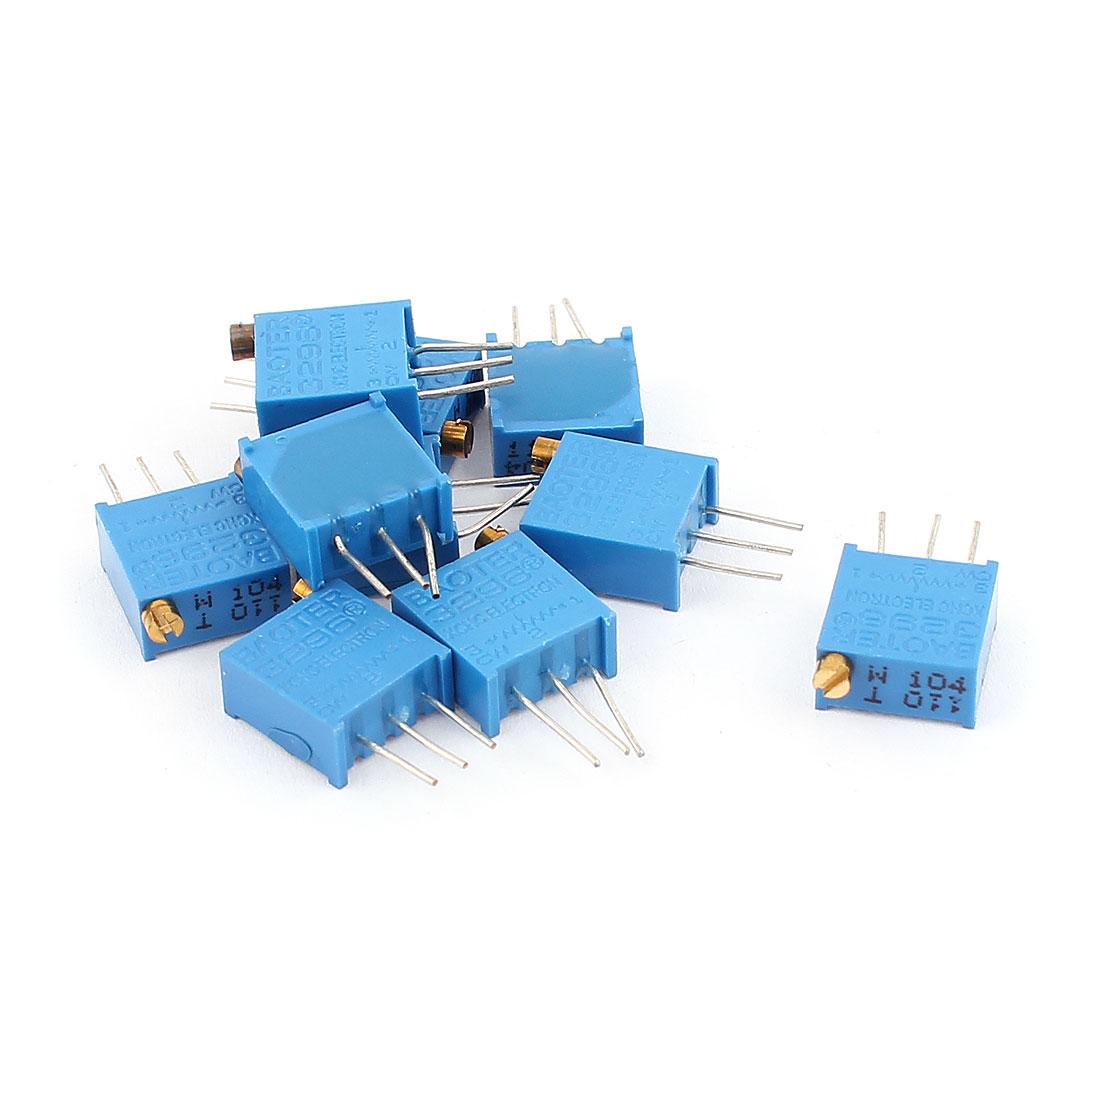 10 Pcs 3296W 100K ohm Multiturn Potentiometer Pot Variable Resistor